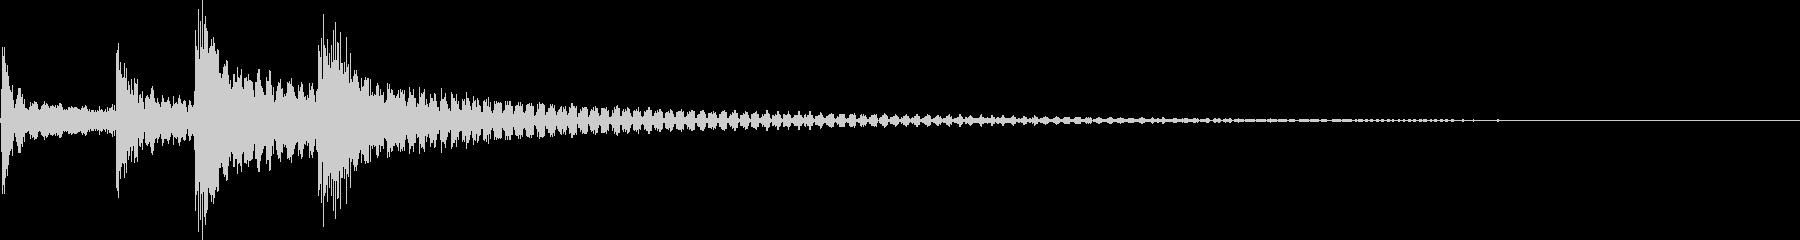 コロロンちょっと低音(出現、回転、結果)の未再生の波形